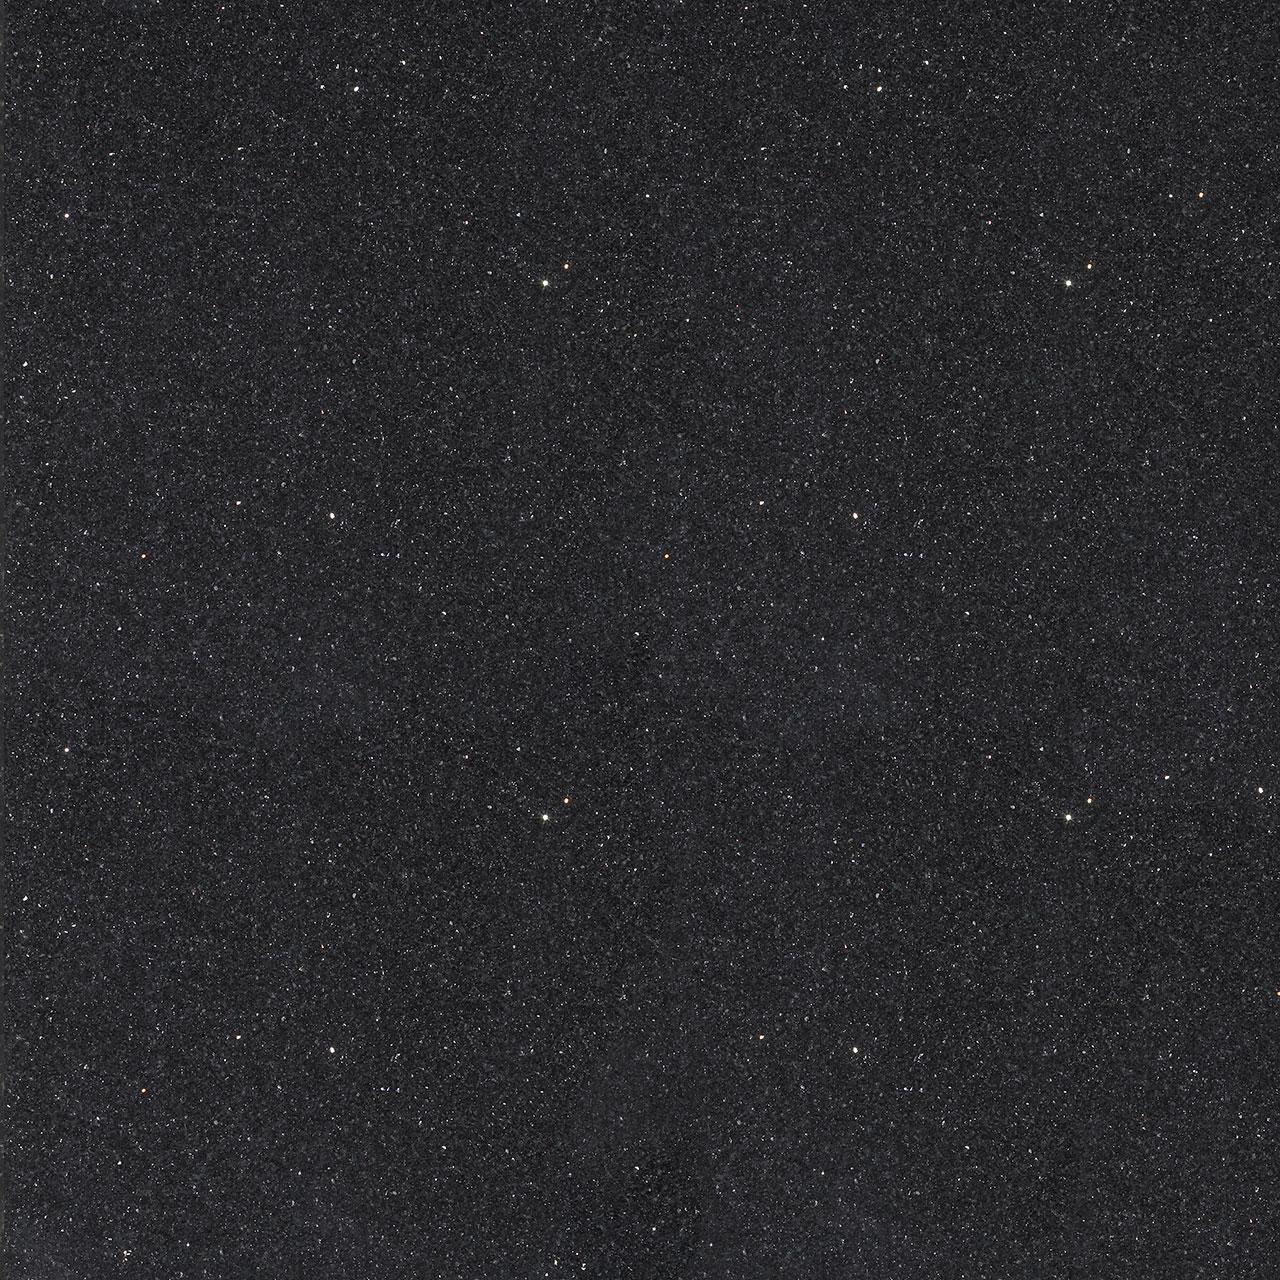 KUMA Granit Space Gloss